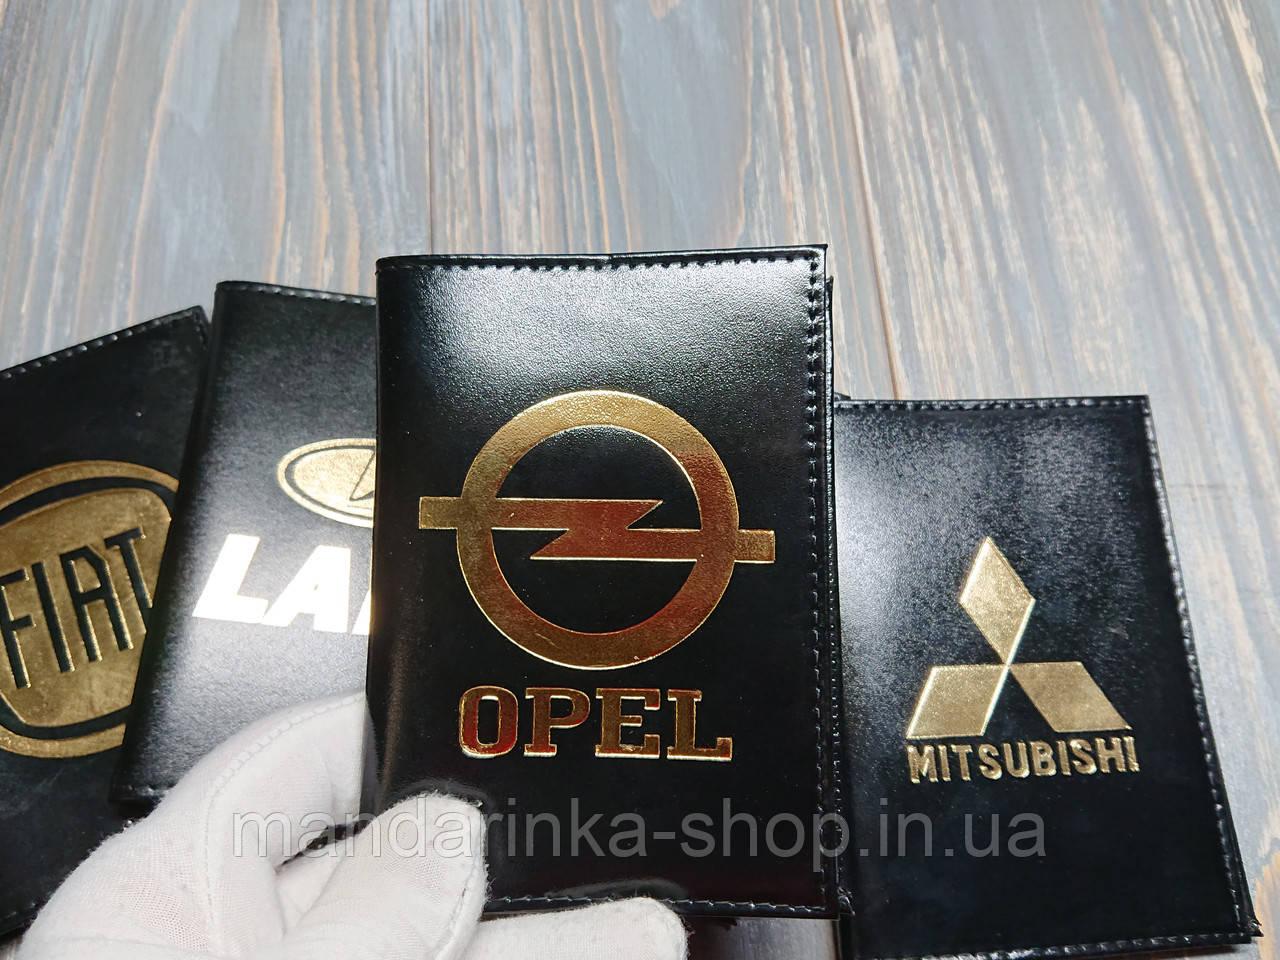 Шкіряна обкладинка для автодокументів з логотипом Opel